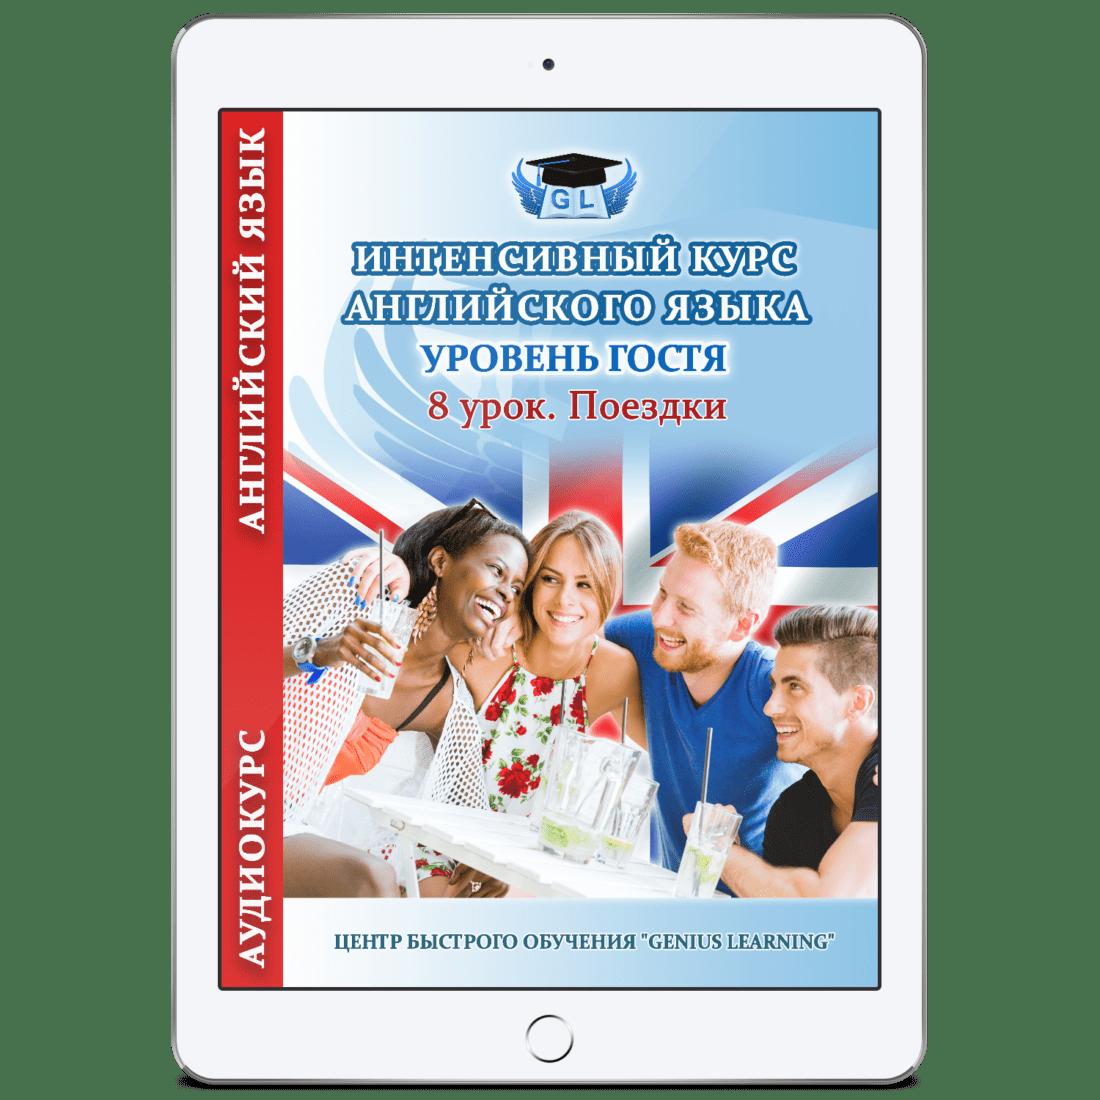 Интенсивный курс английского языка: 1 урок - Знакомство